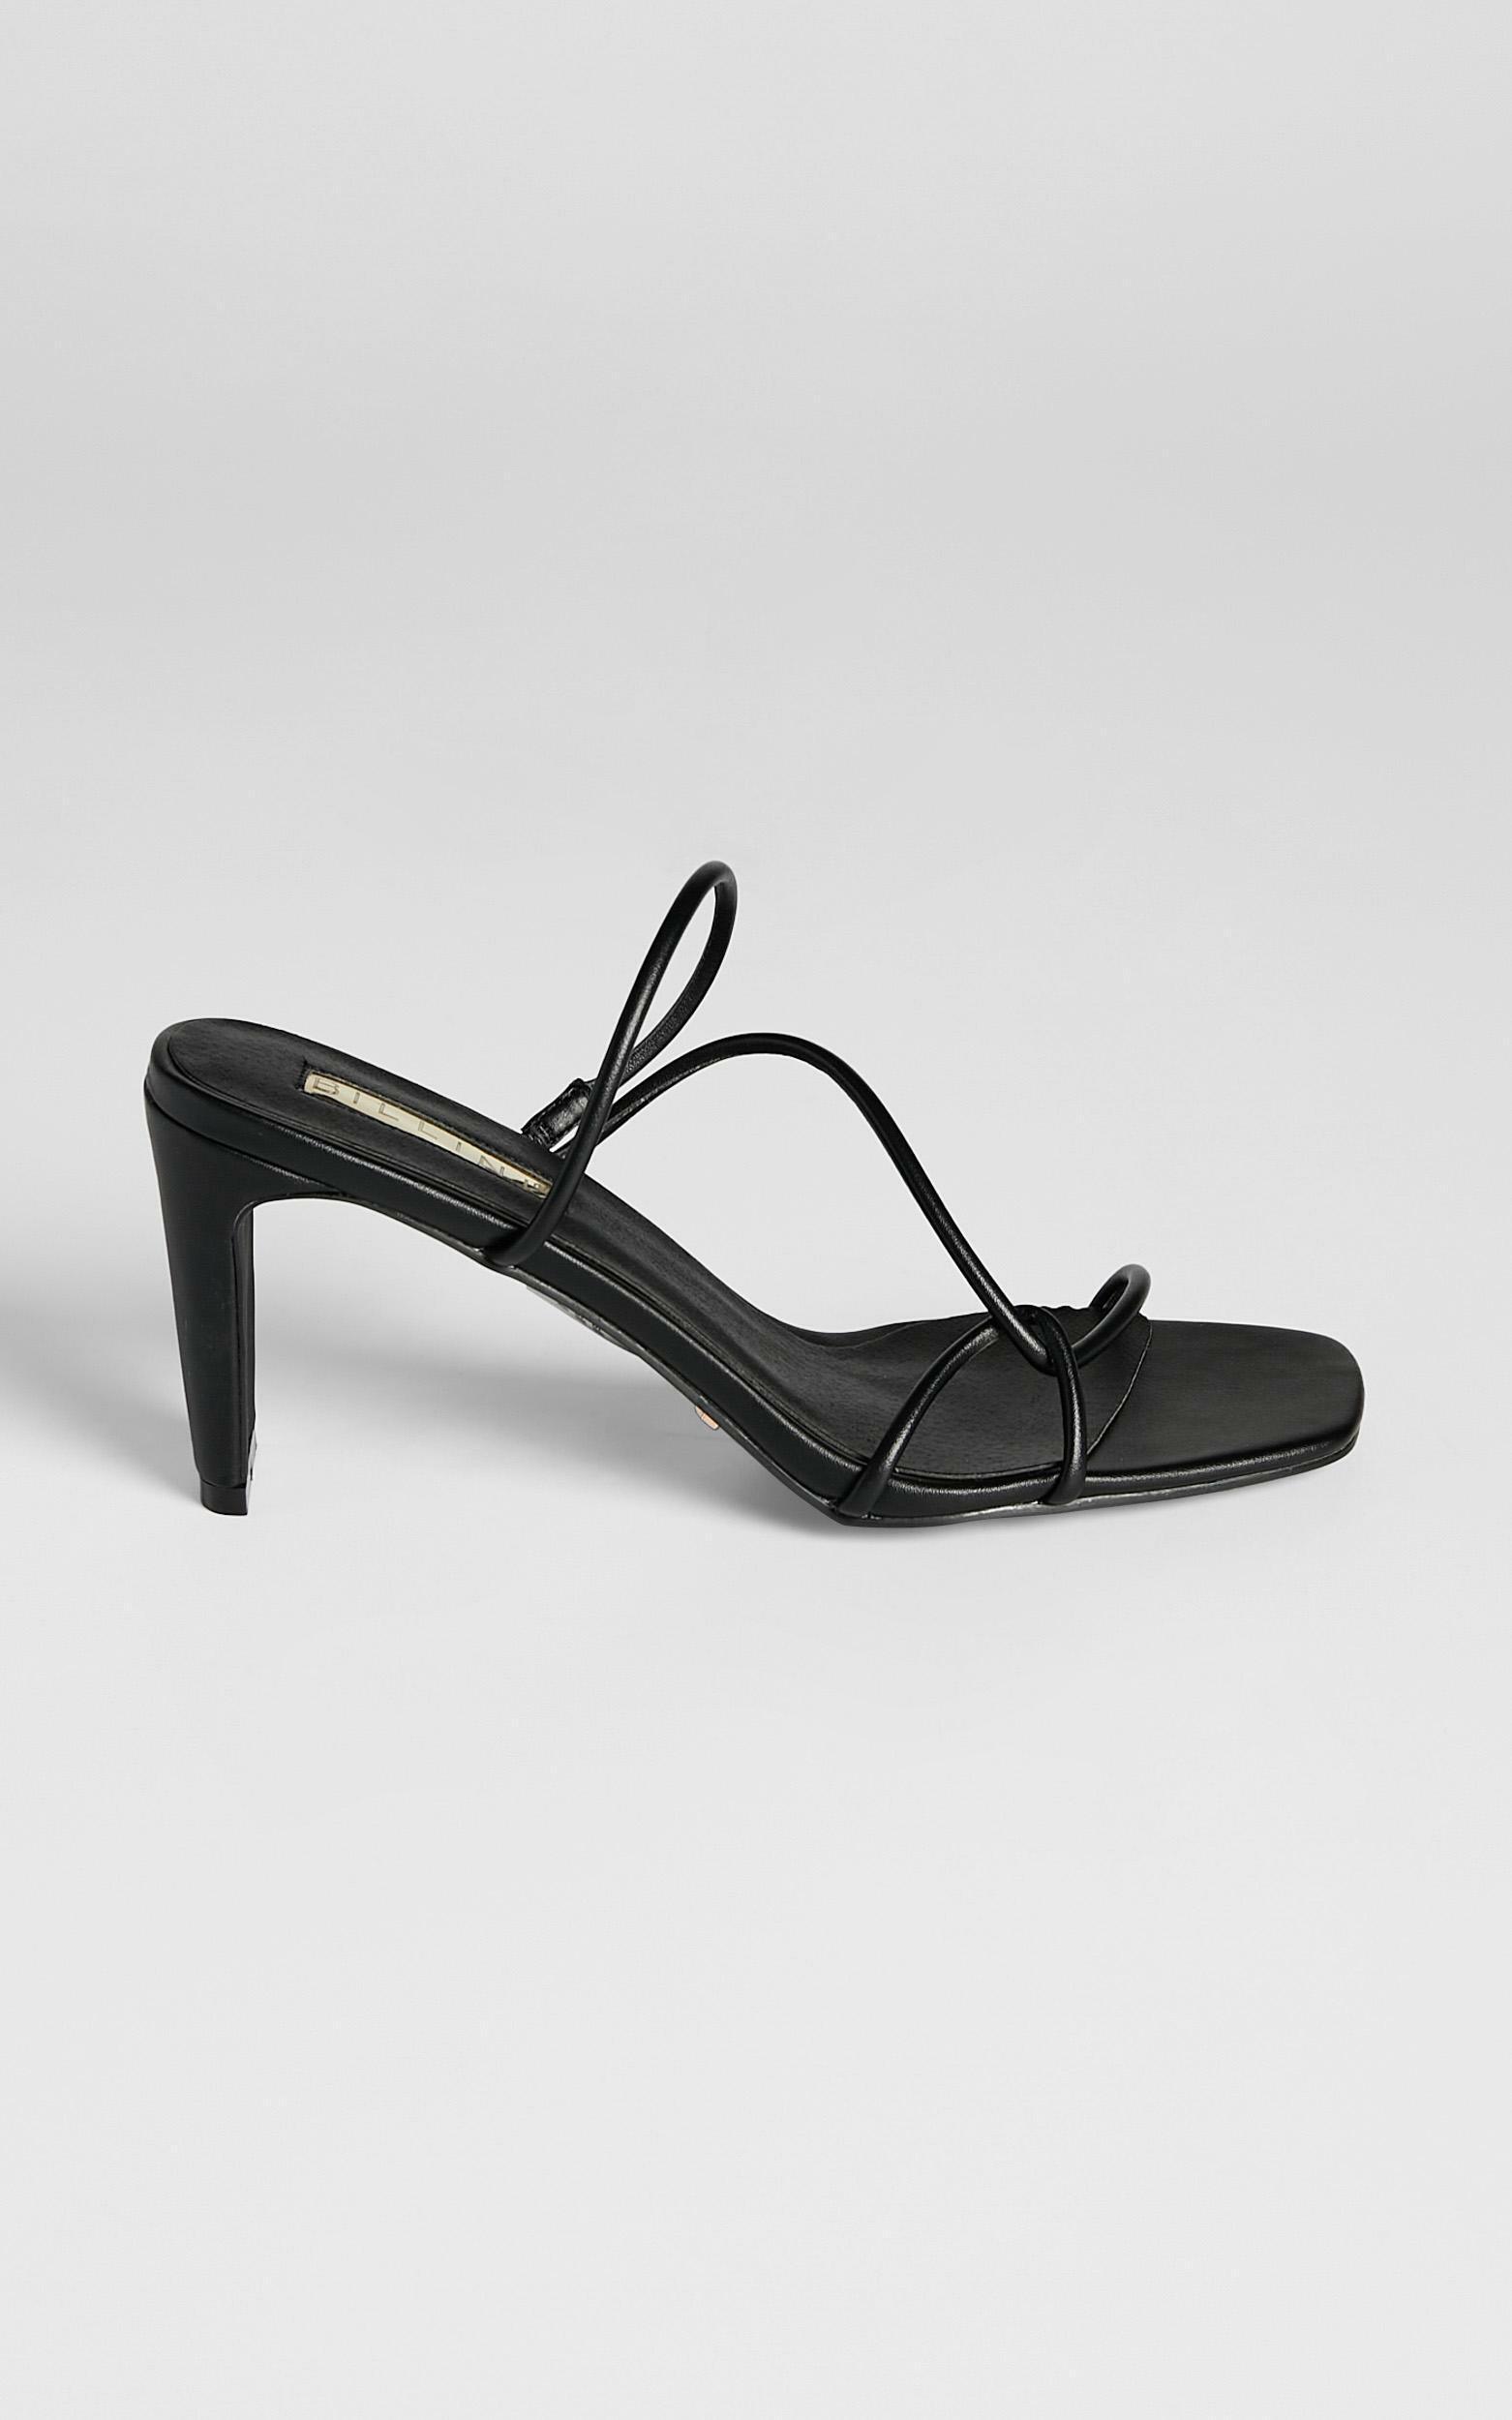 Billini - Serna Heels in Black - 5, Black, hi-res image number null